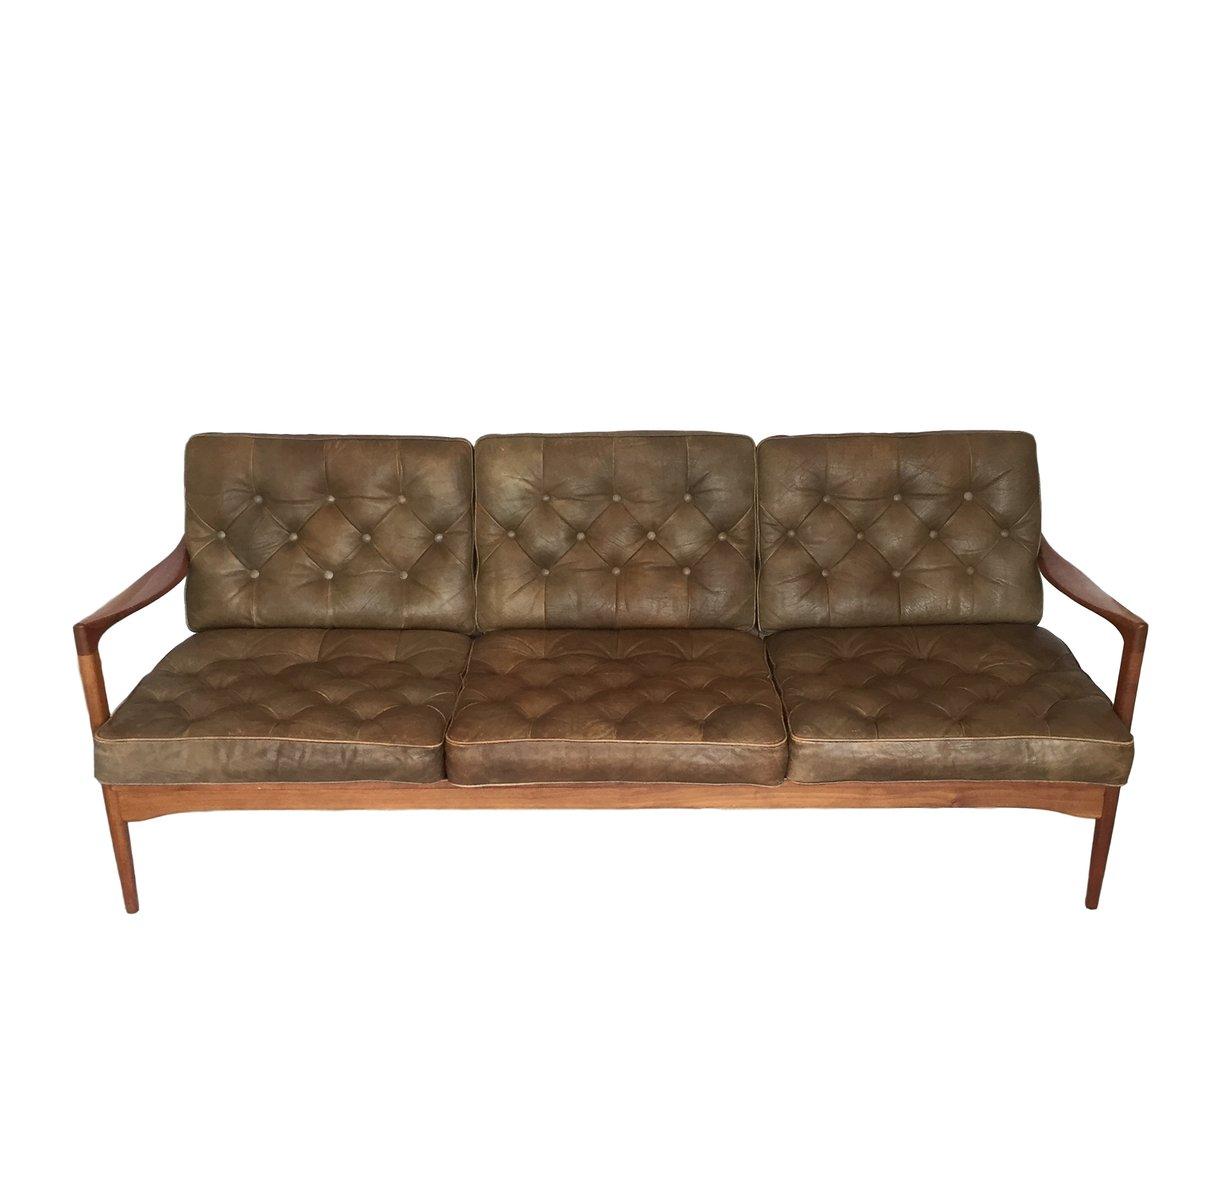 canap trois places kandidaten par ib kofod larsen pour ope 1950s en vente sur pamono. Black Bedroom Furniture Sets. Home Design Ideas